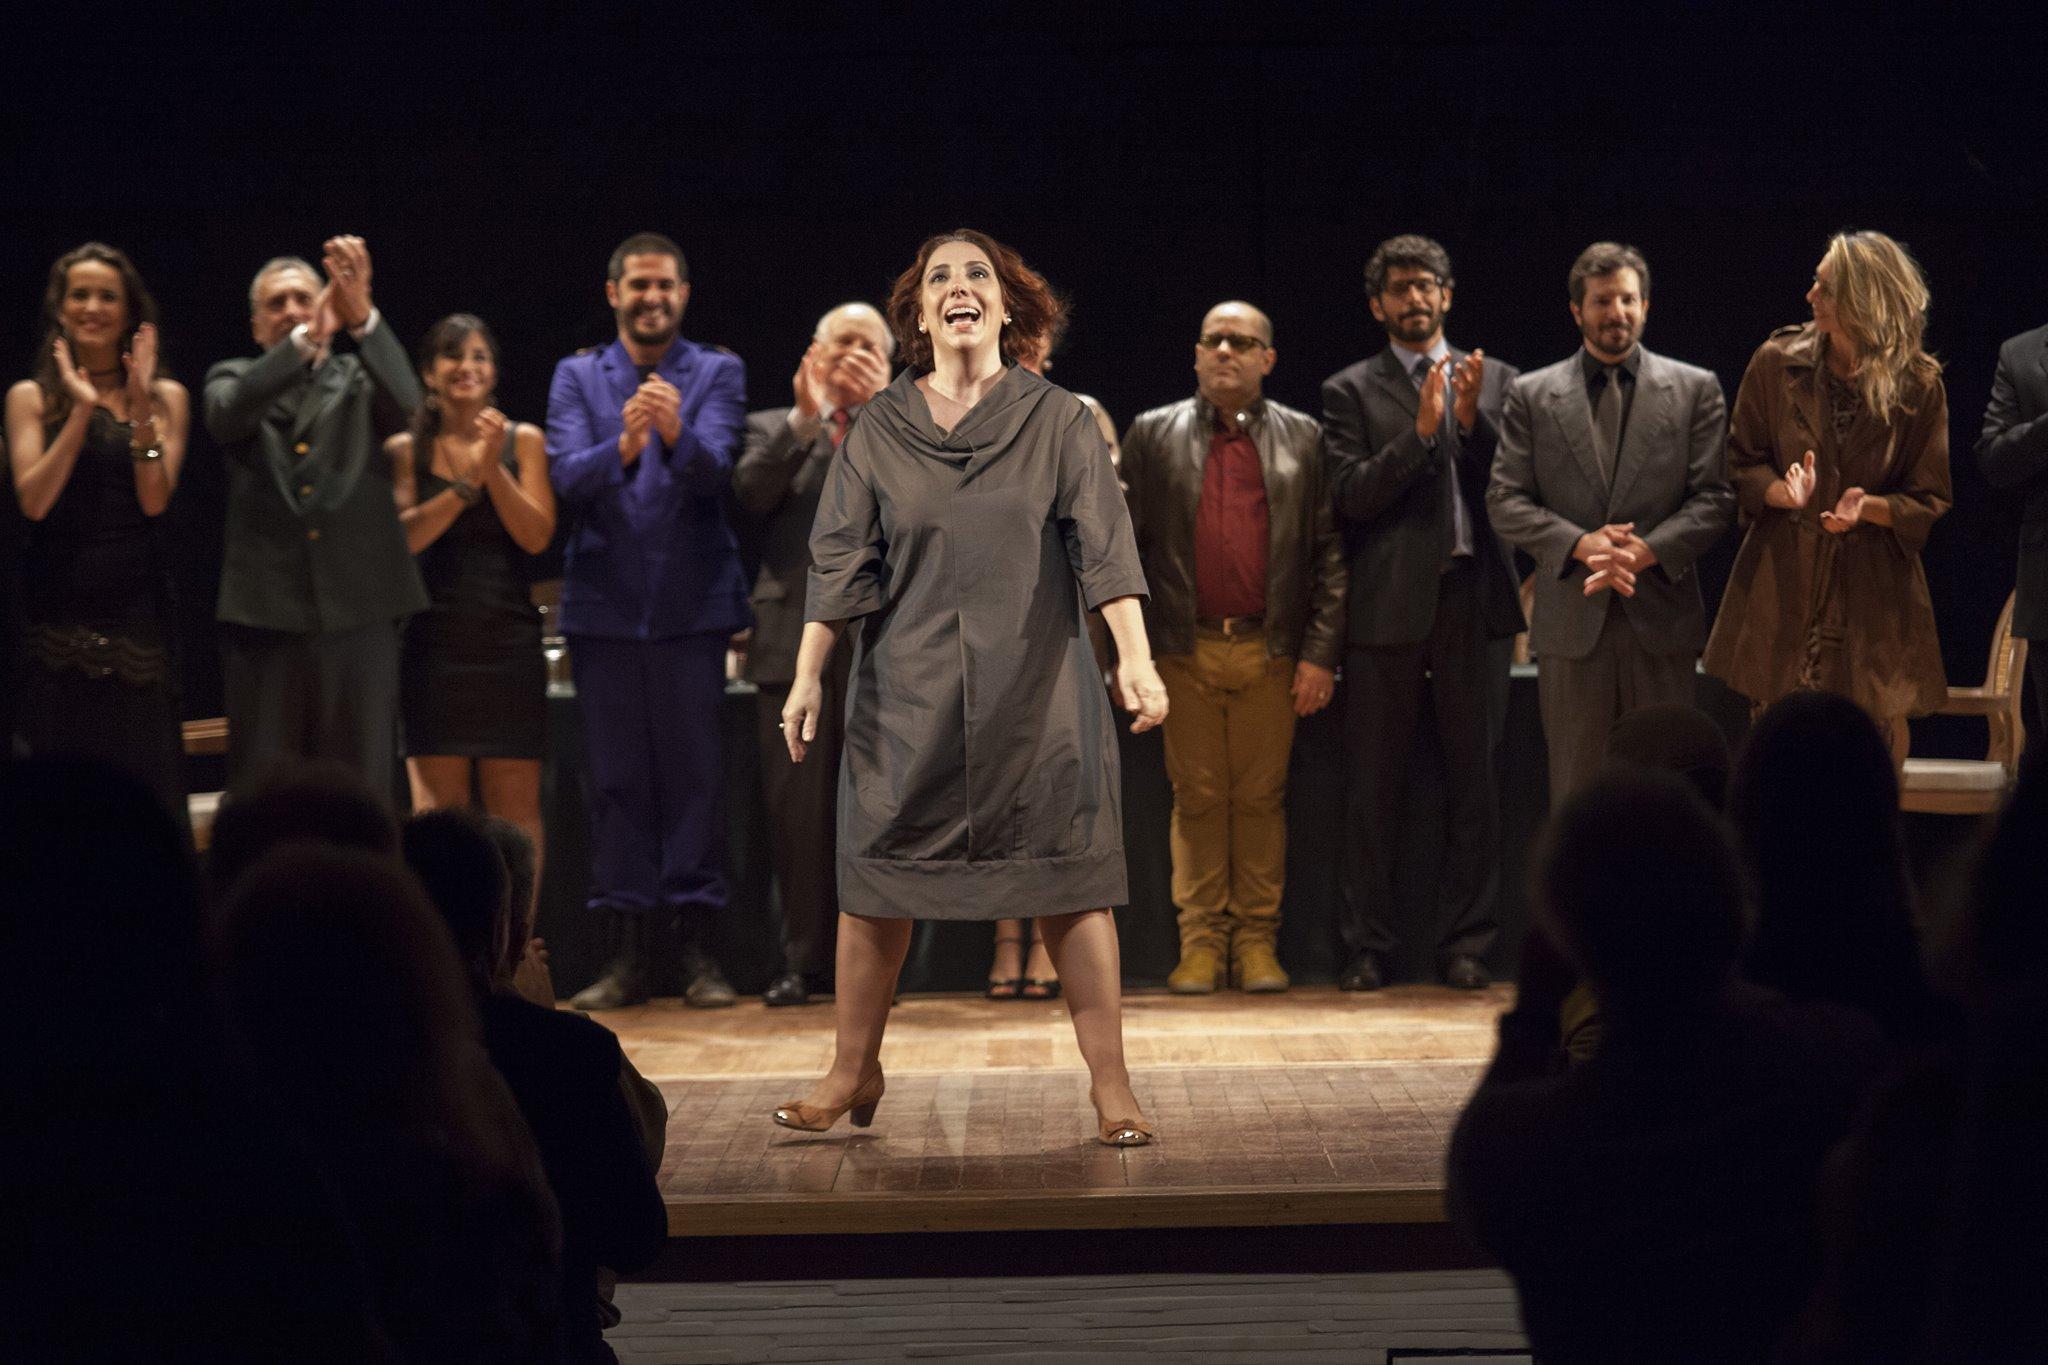 Alice Borges emocionada com a reação da platéia ao final do espetáculo